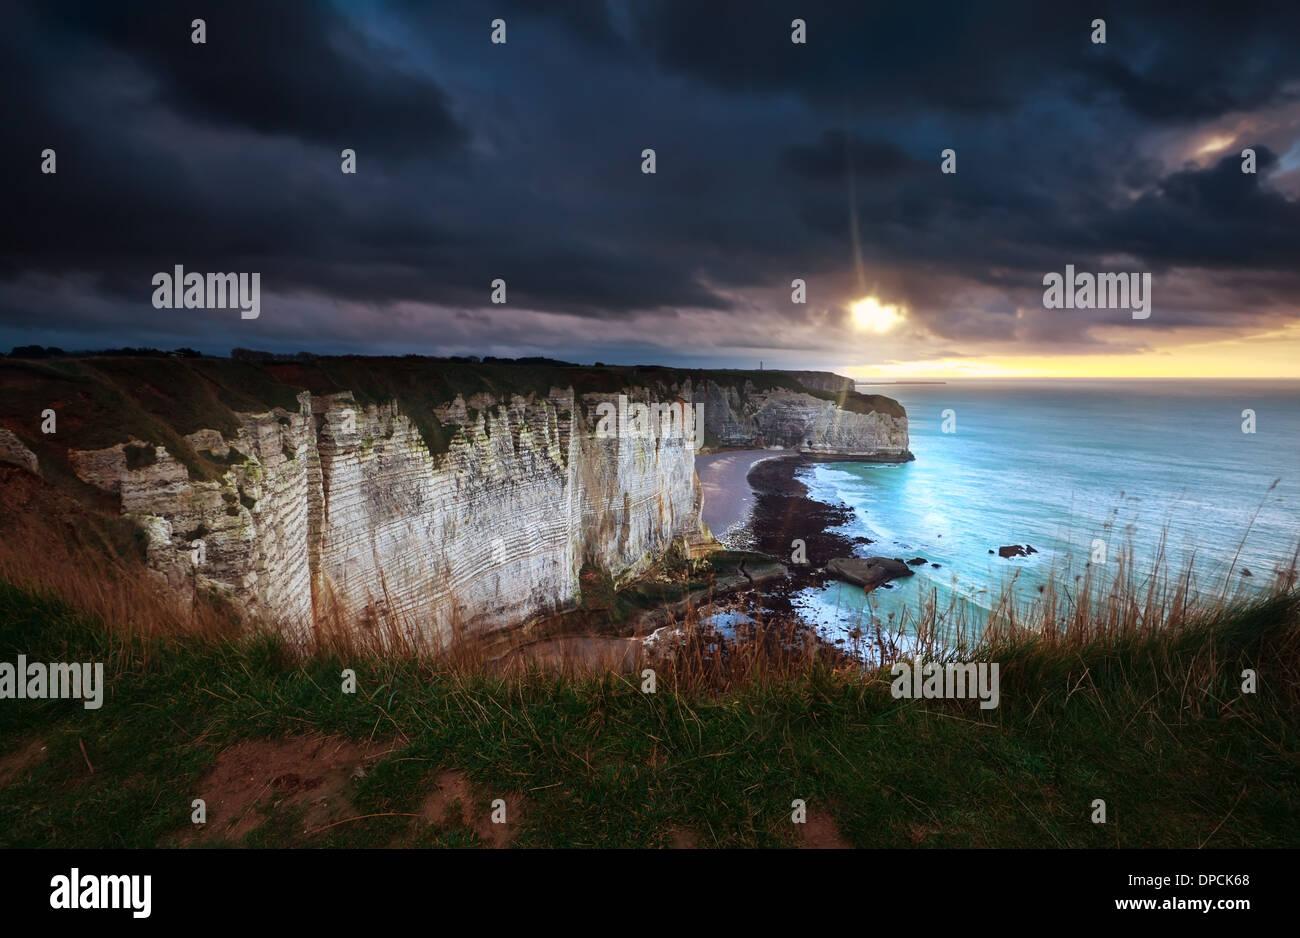 Sonne und Sturm Himmel über Klippen im Ozean, Etretat, Frankreich Stockbild